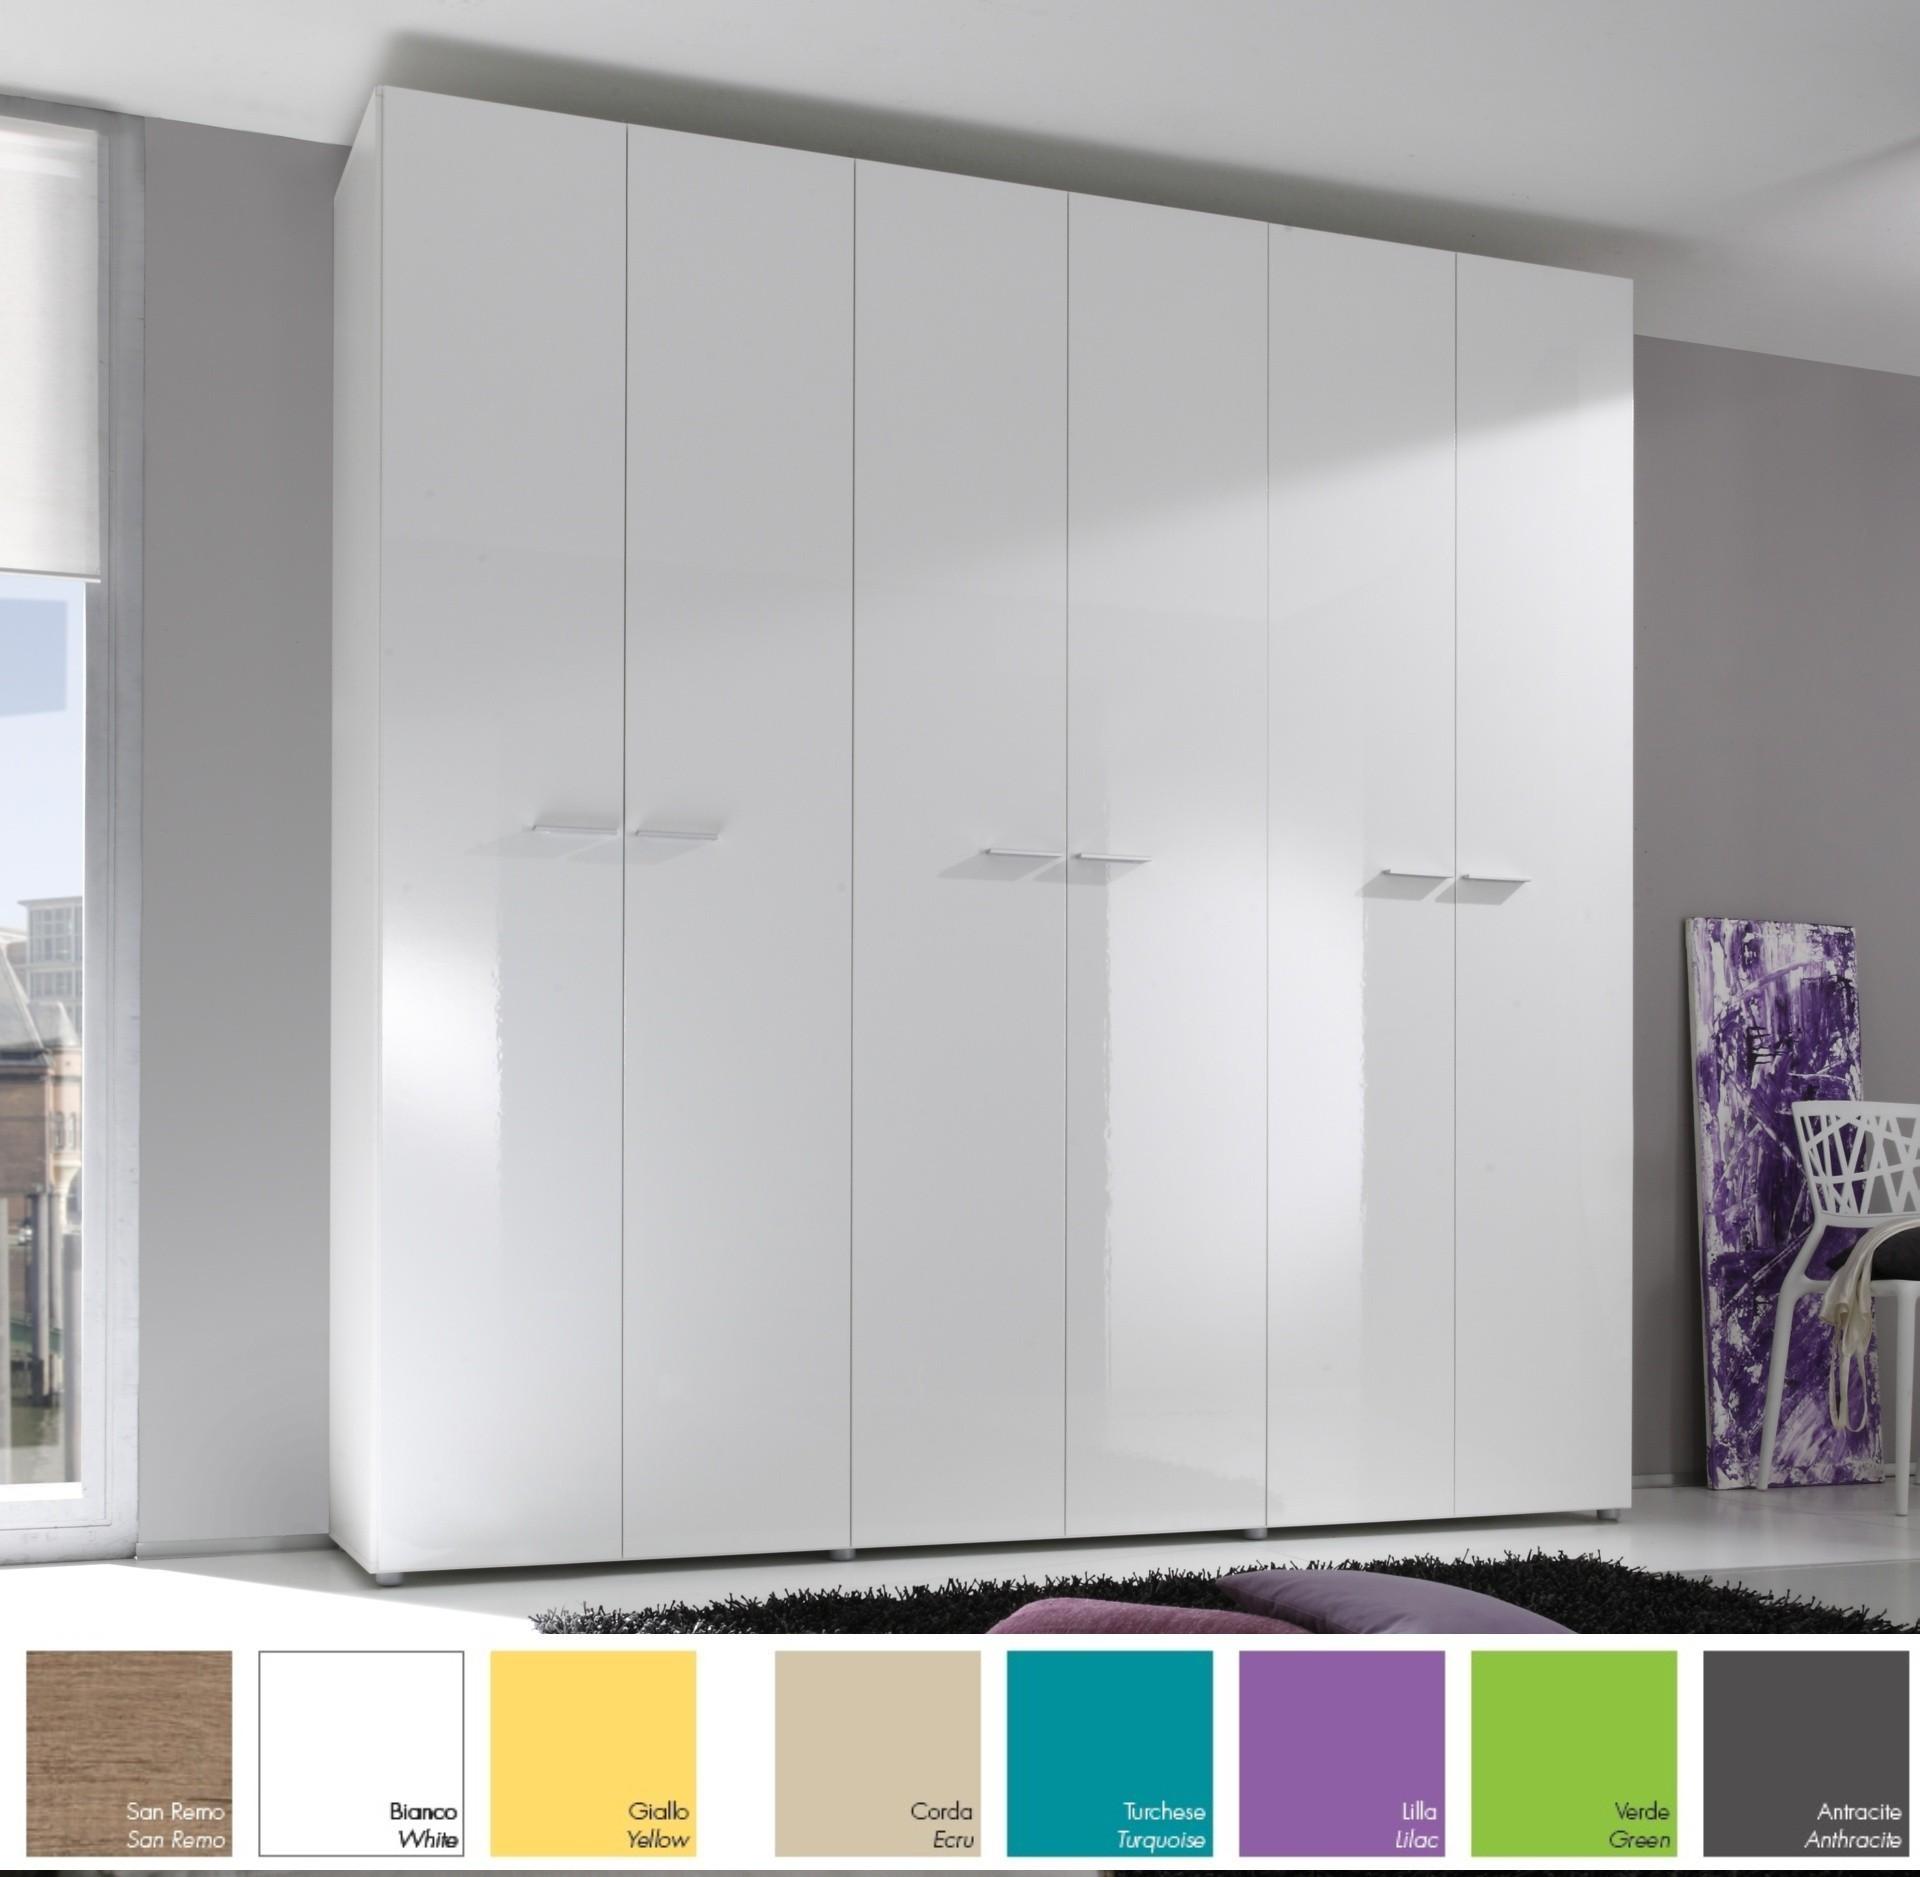 Armoire design 6 portes h 214 ou 240 cm 8 couleurs for Table 6 laille